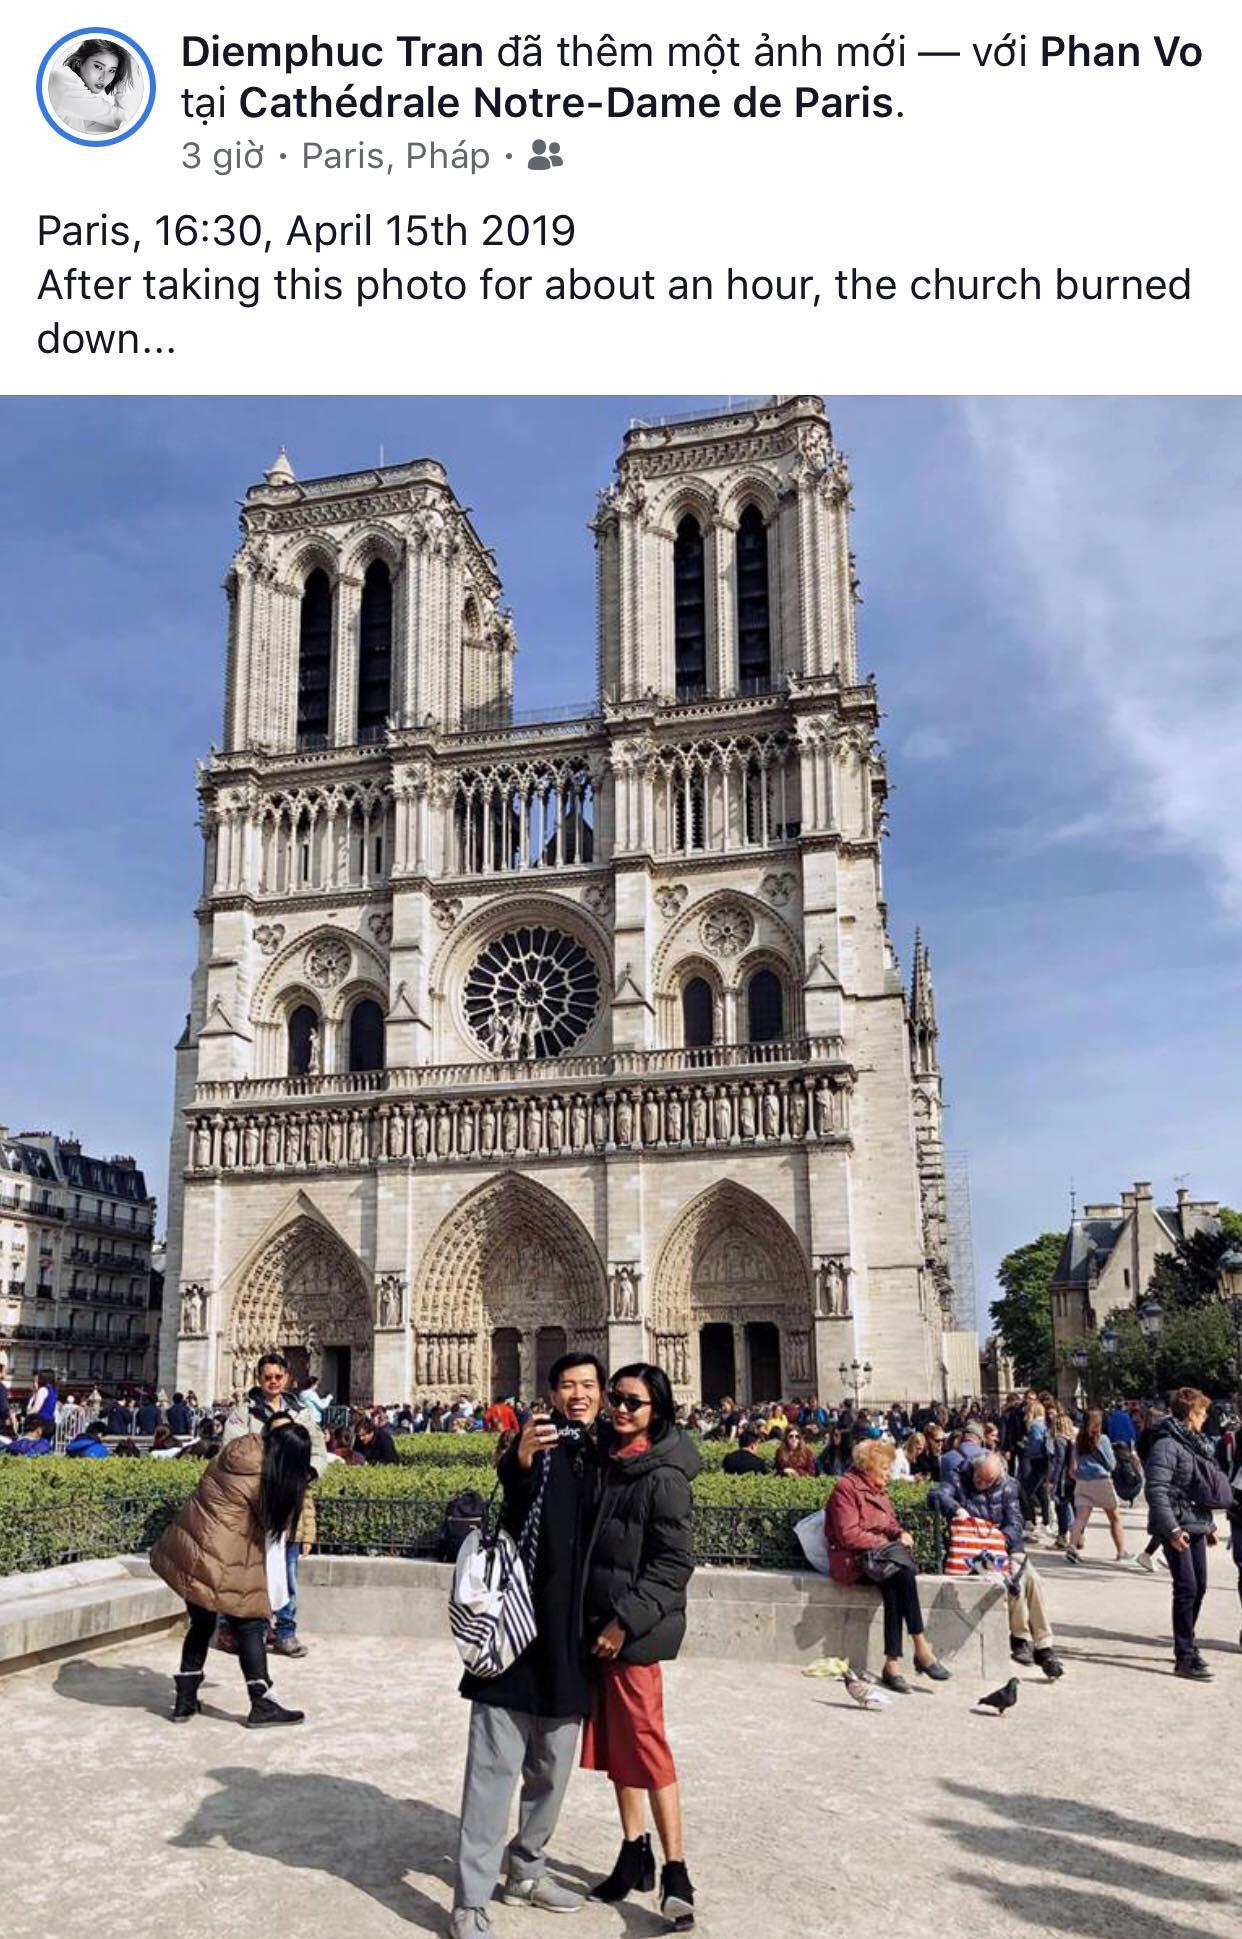 Giới trẻ Việt đồng loạt đăng status xót xa khi thấy Nhà thờ Đức Bà Paris cháy: Cuộc hẹn với nước Pháp đã không còn vẹn nguyên!